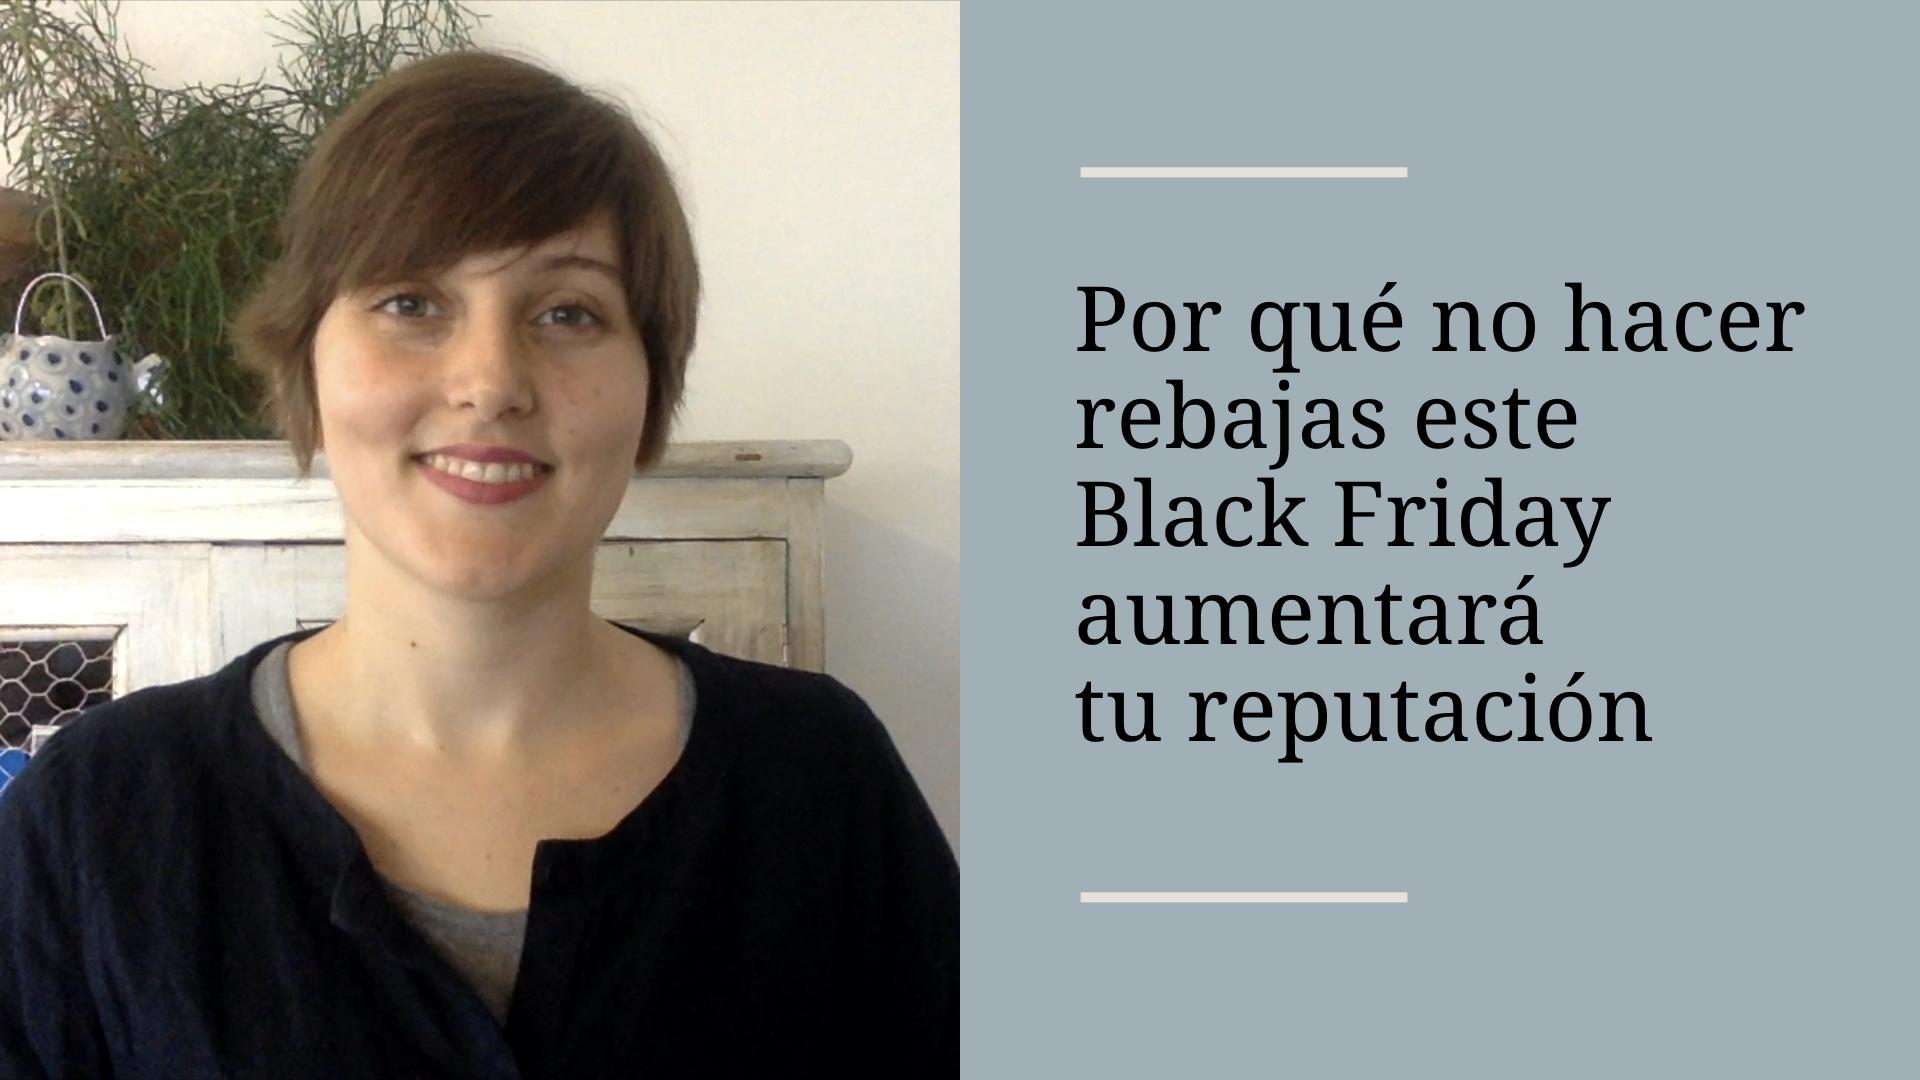 Por qué no hacer rebajas este Black Friday aumentará tu reputación